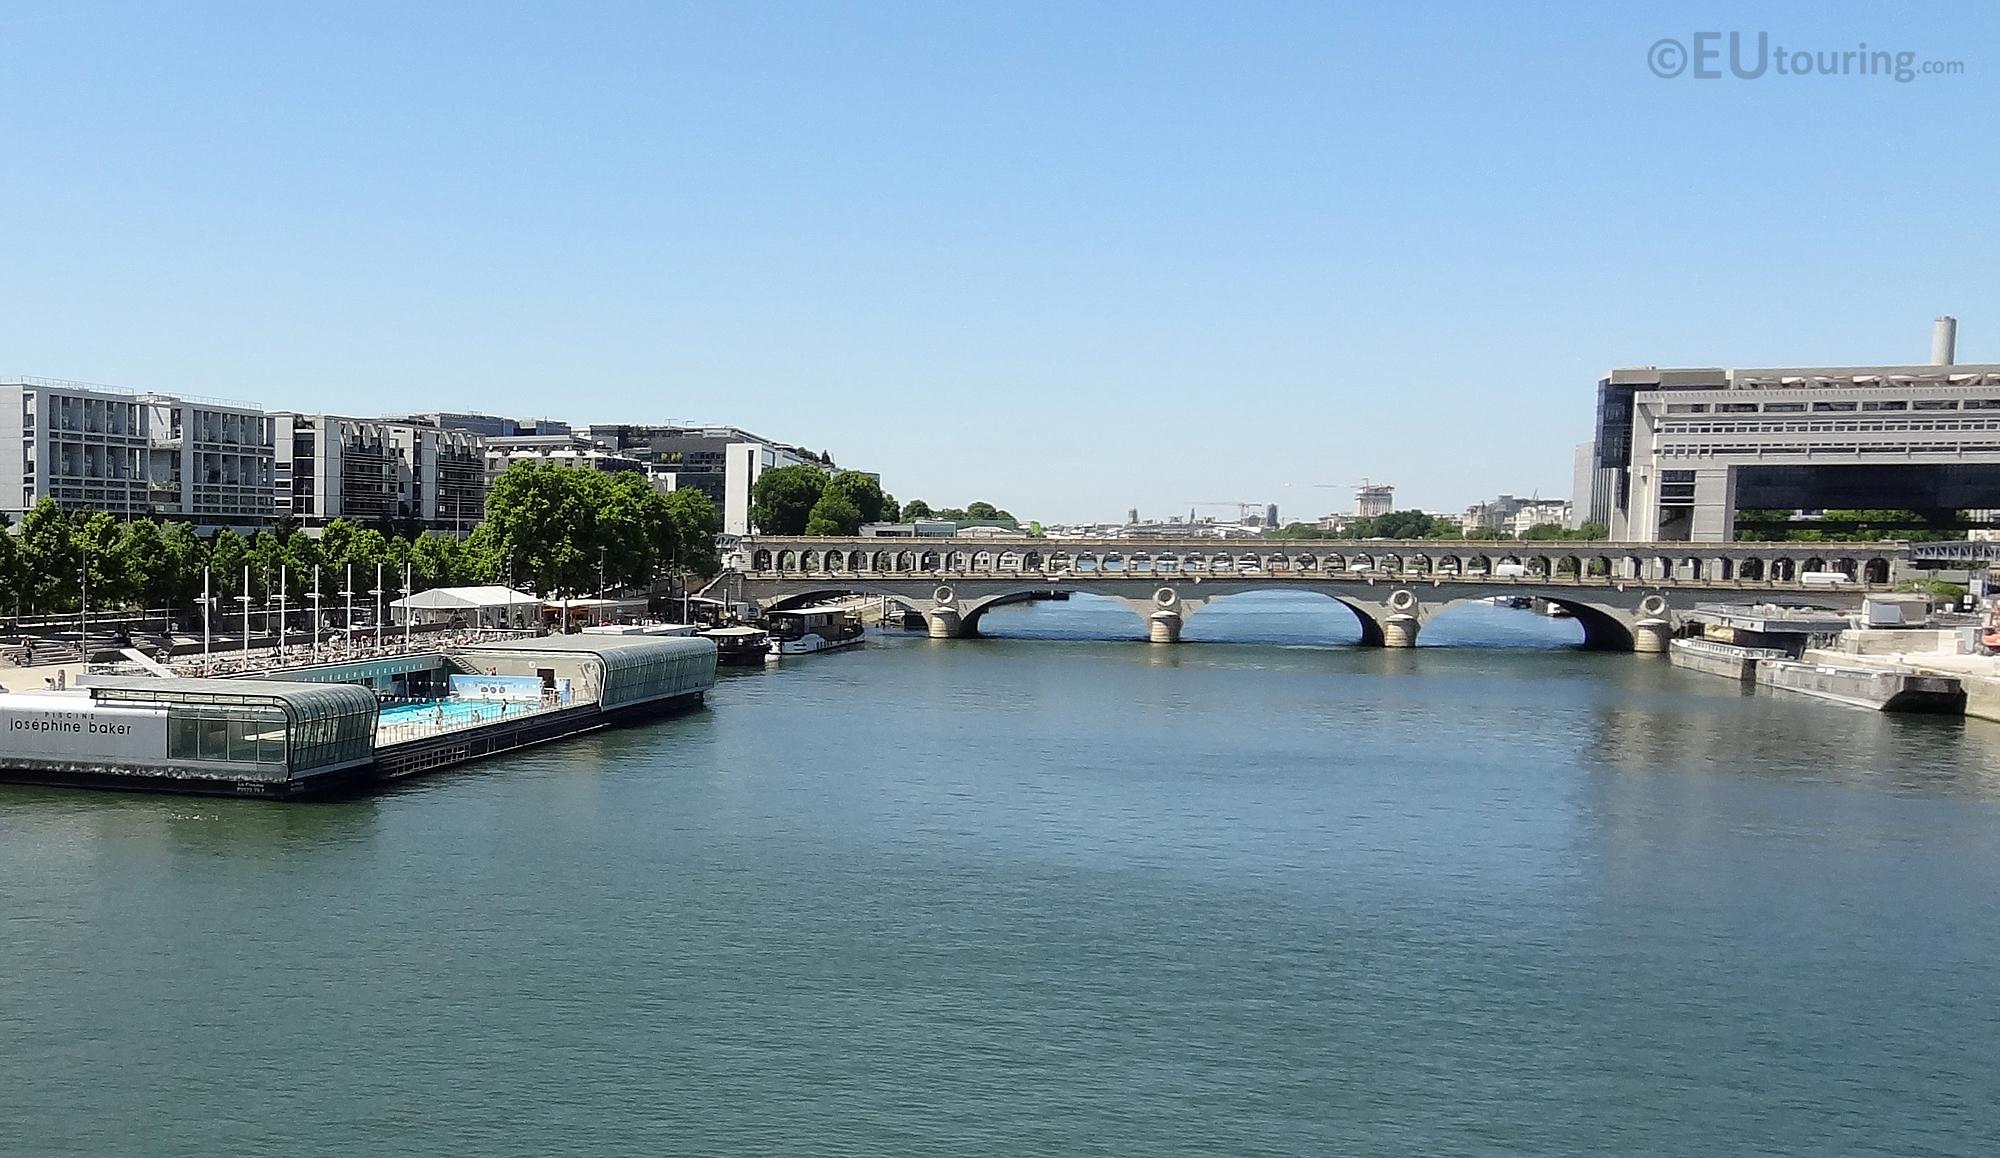 The Pont de Bercy